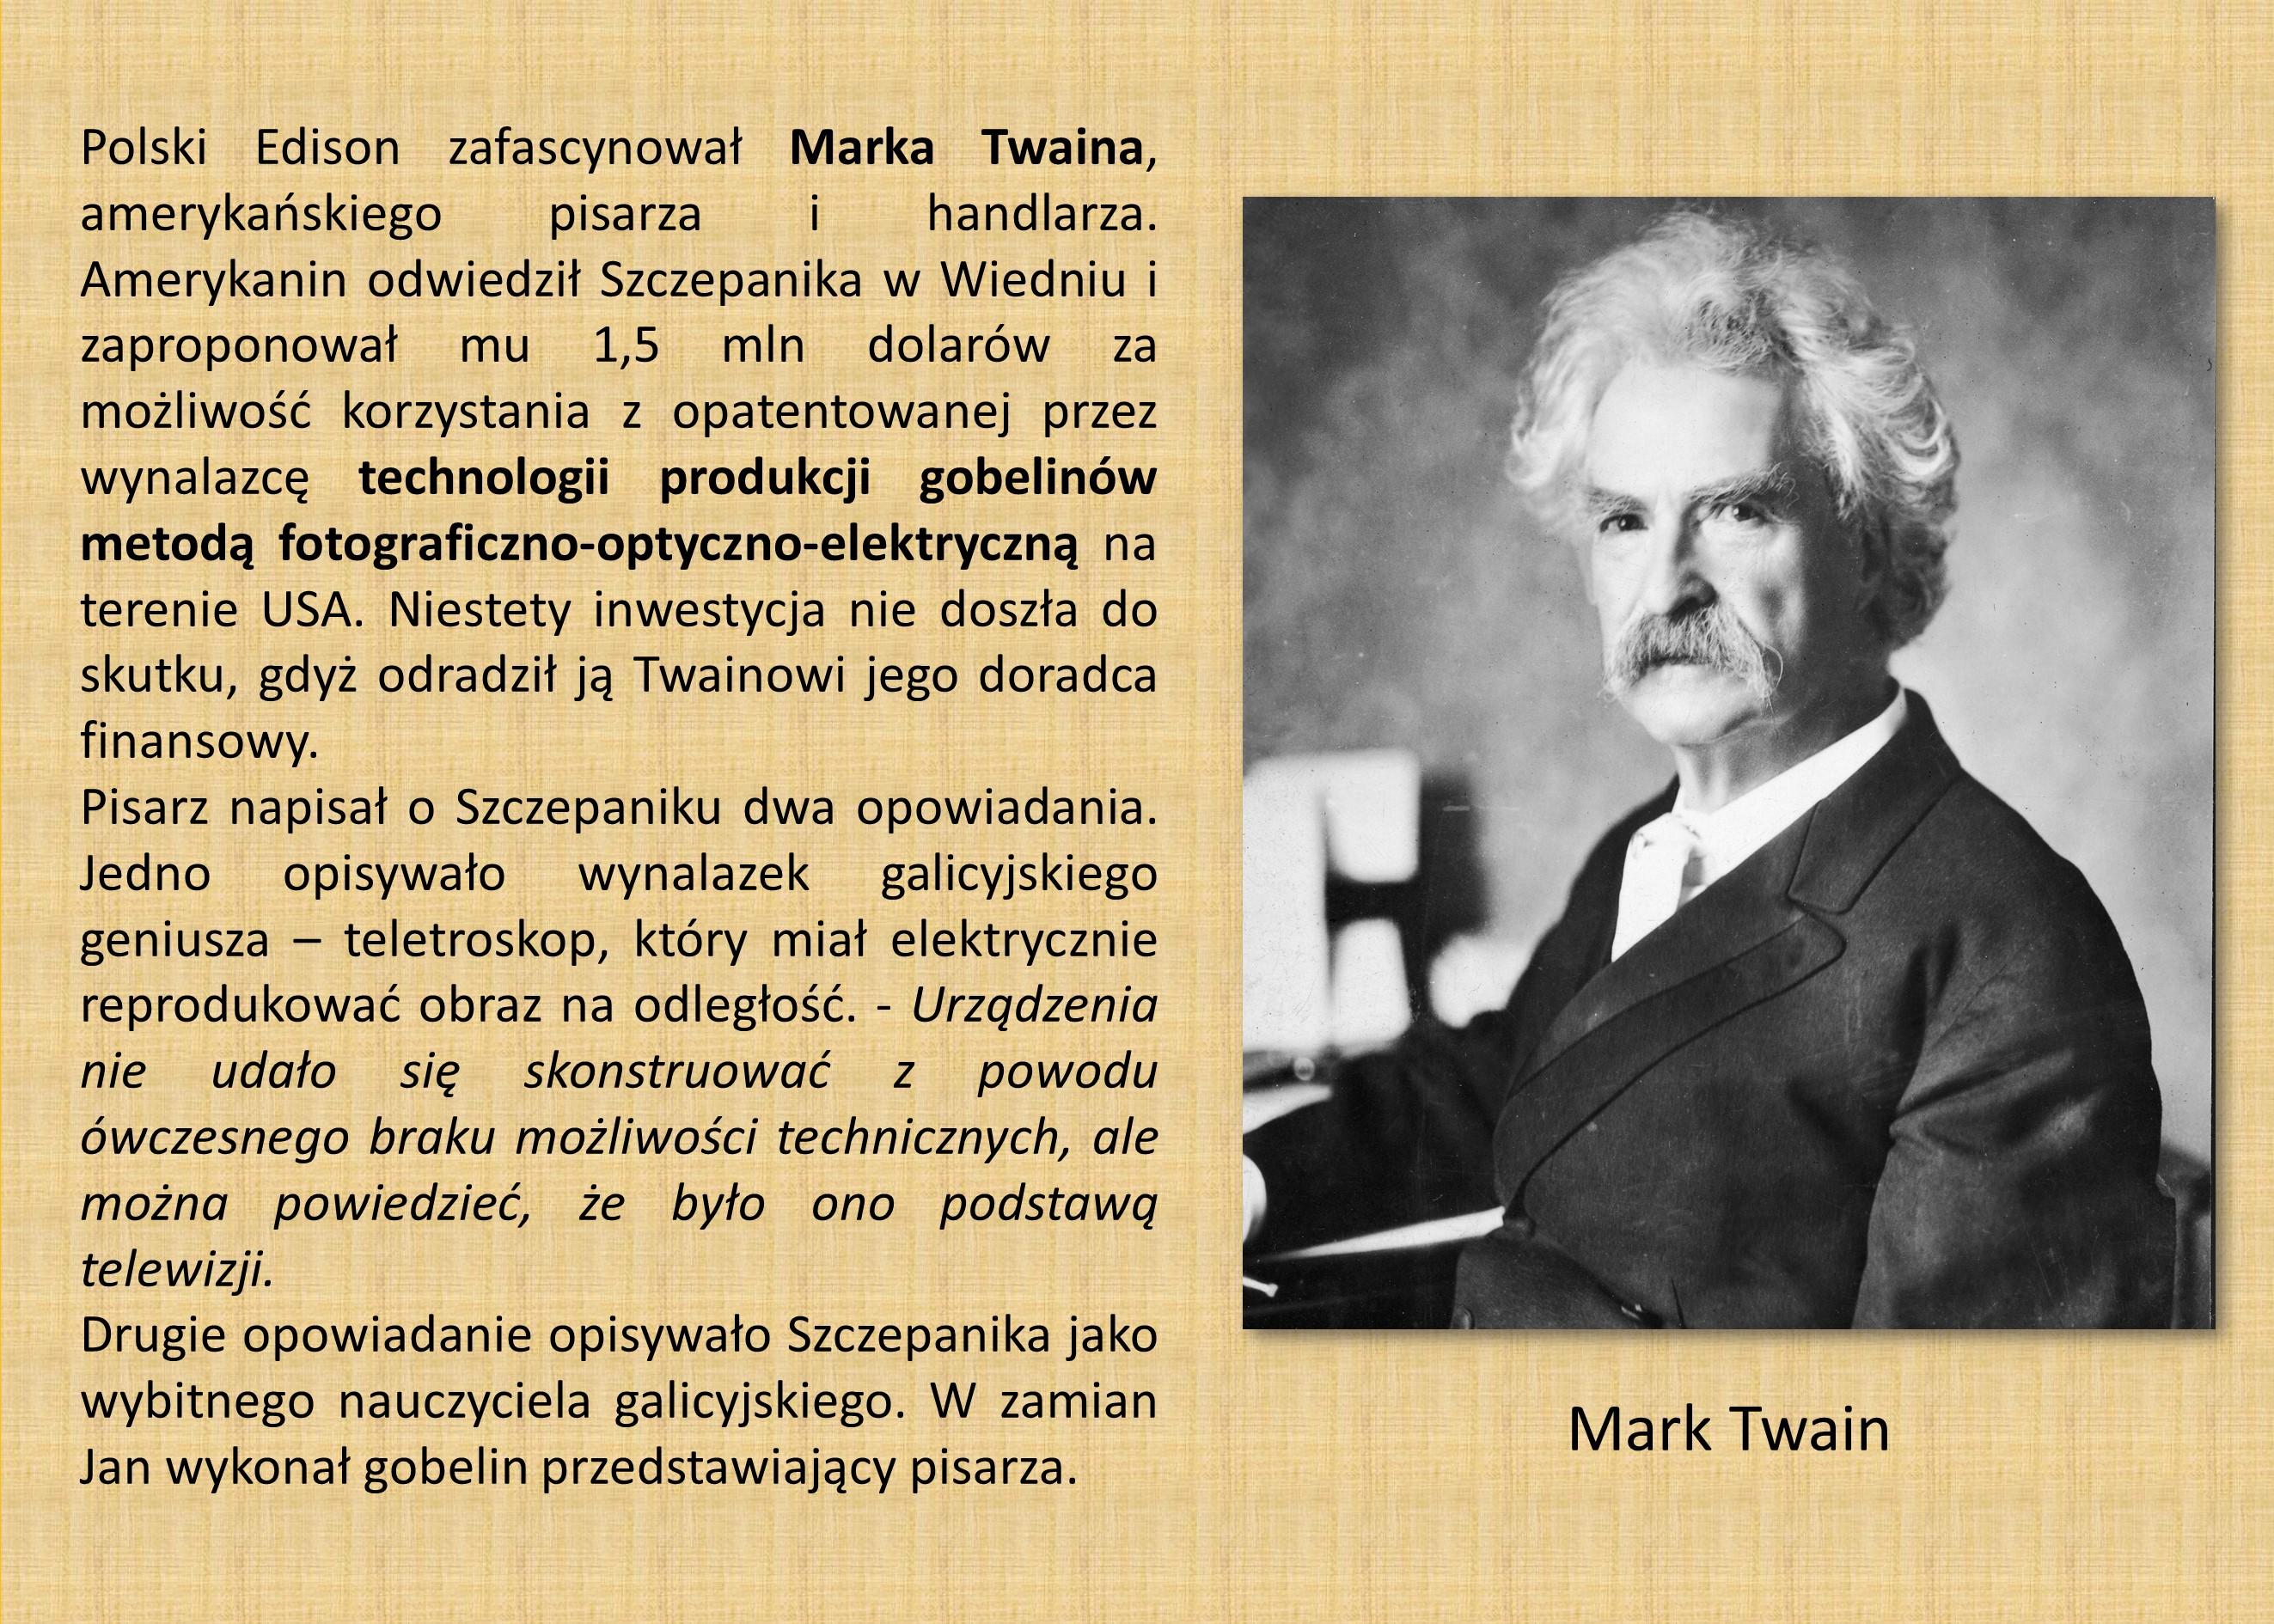 9 - 2.4 JAN SZCZEPANIK - M. TWAIN